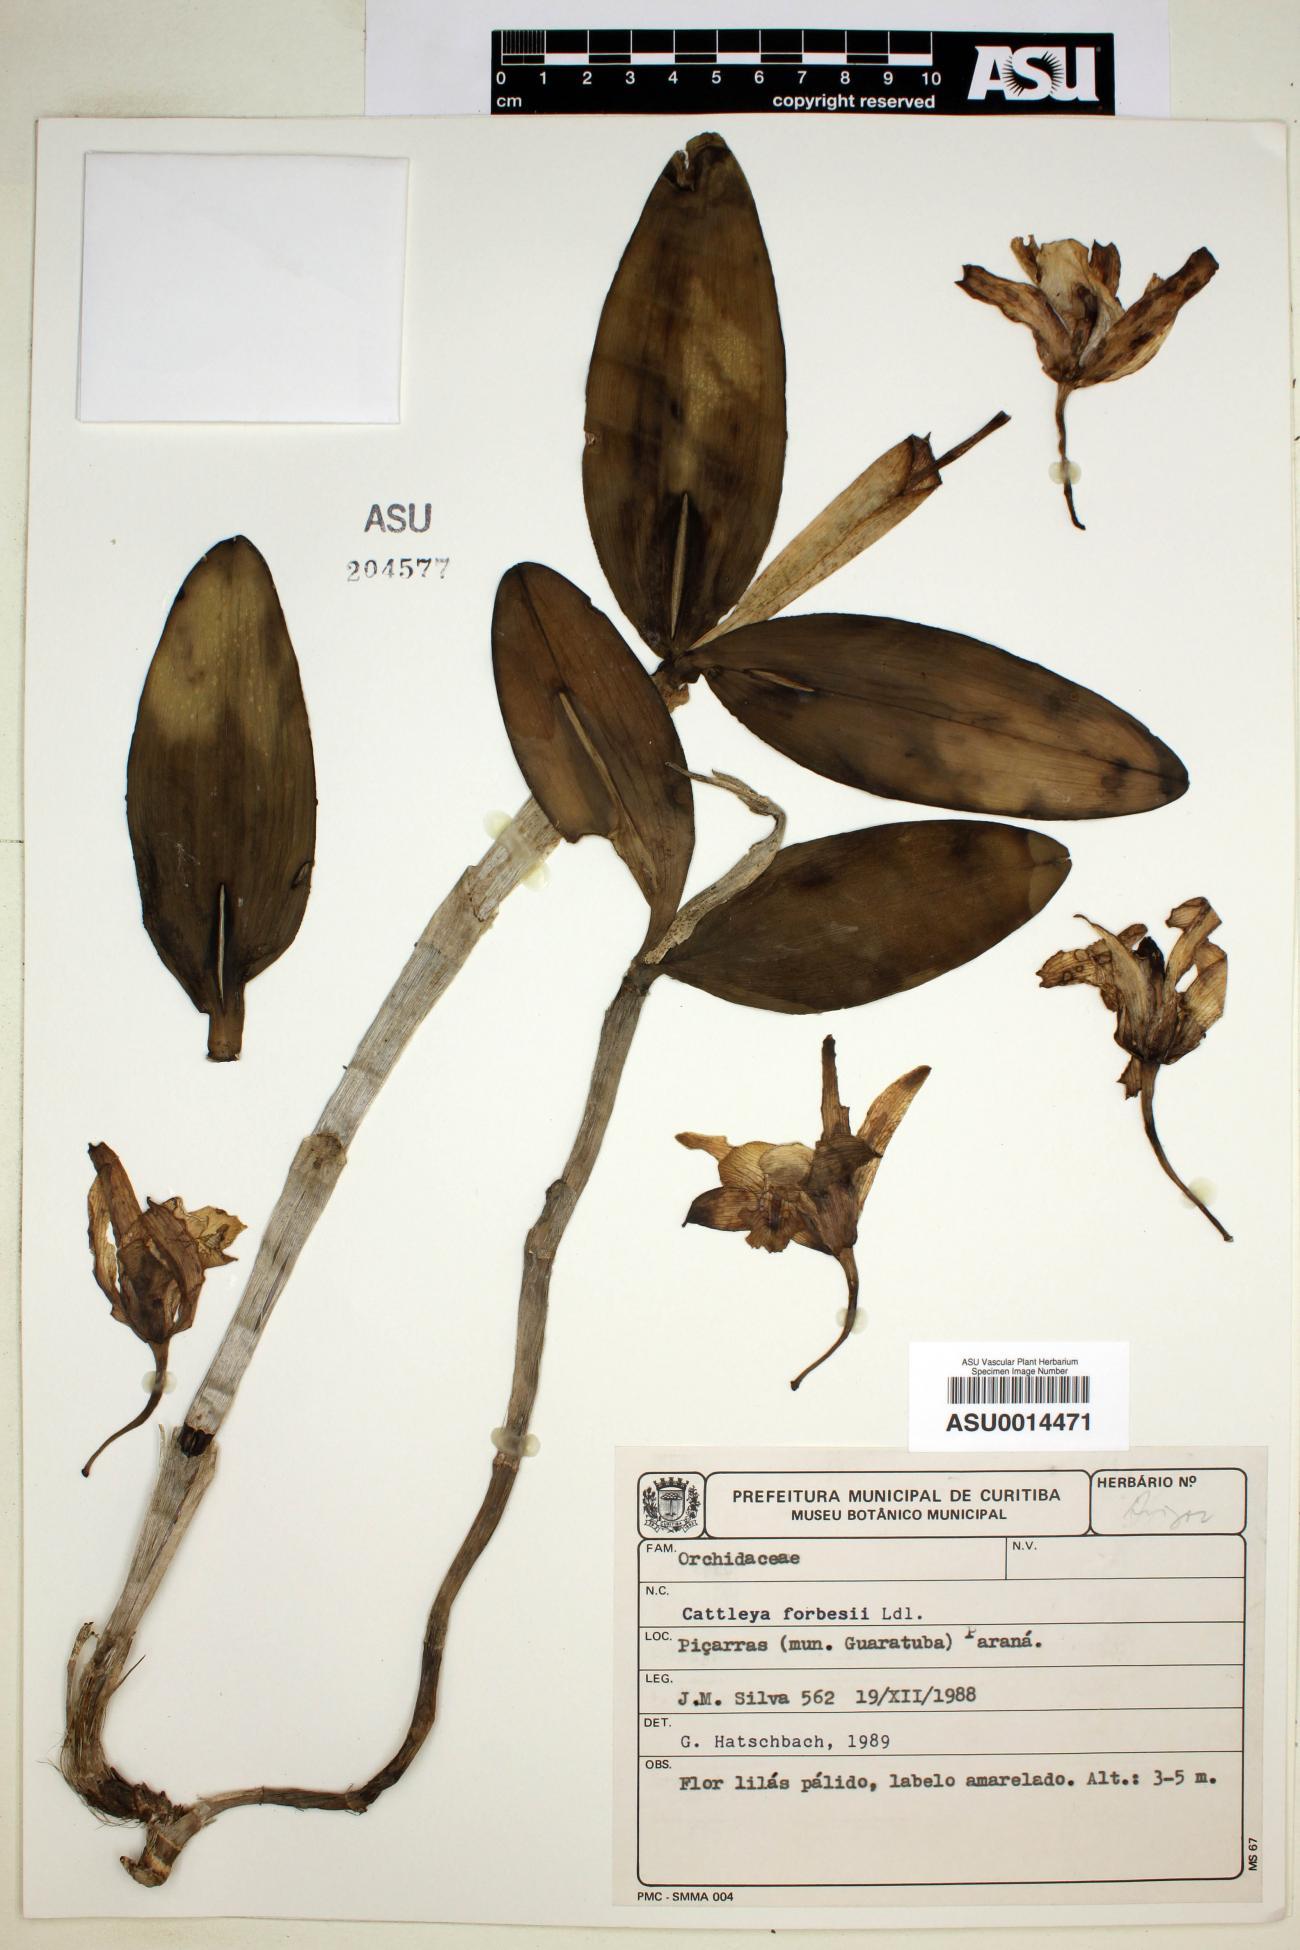 Cattleya image